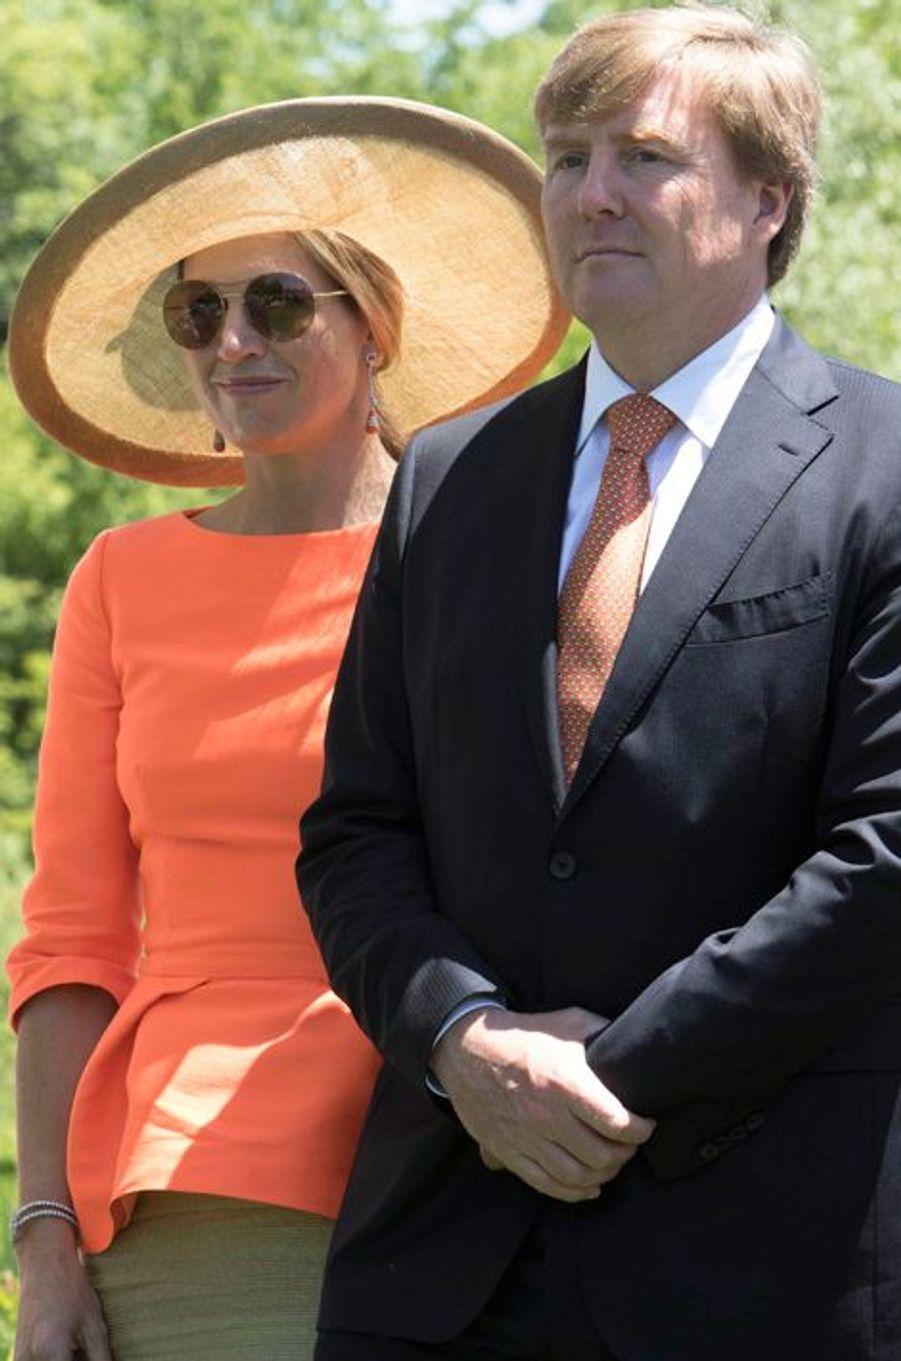 La reine Maxima et le roi Willem-Alexander au Frederik Meijer Gardens and Sculpture Park à Grand Rapids, le 2 juin 2015